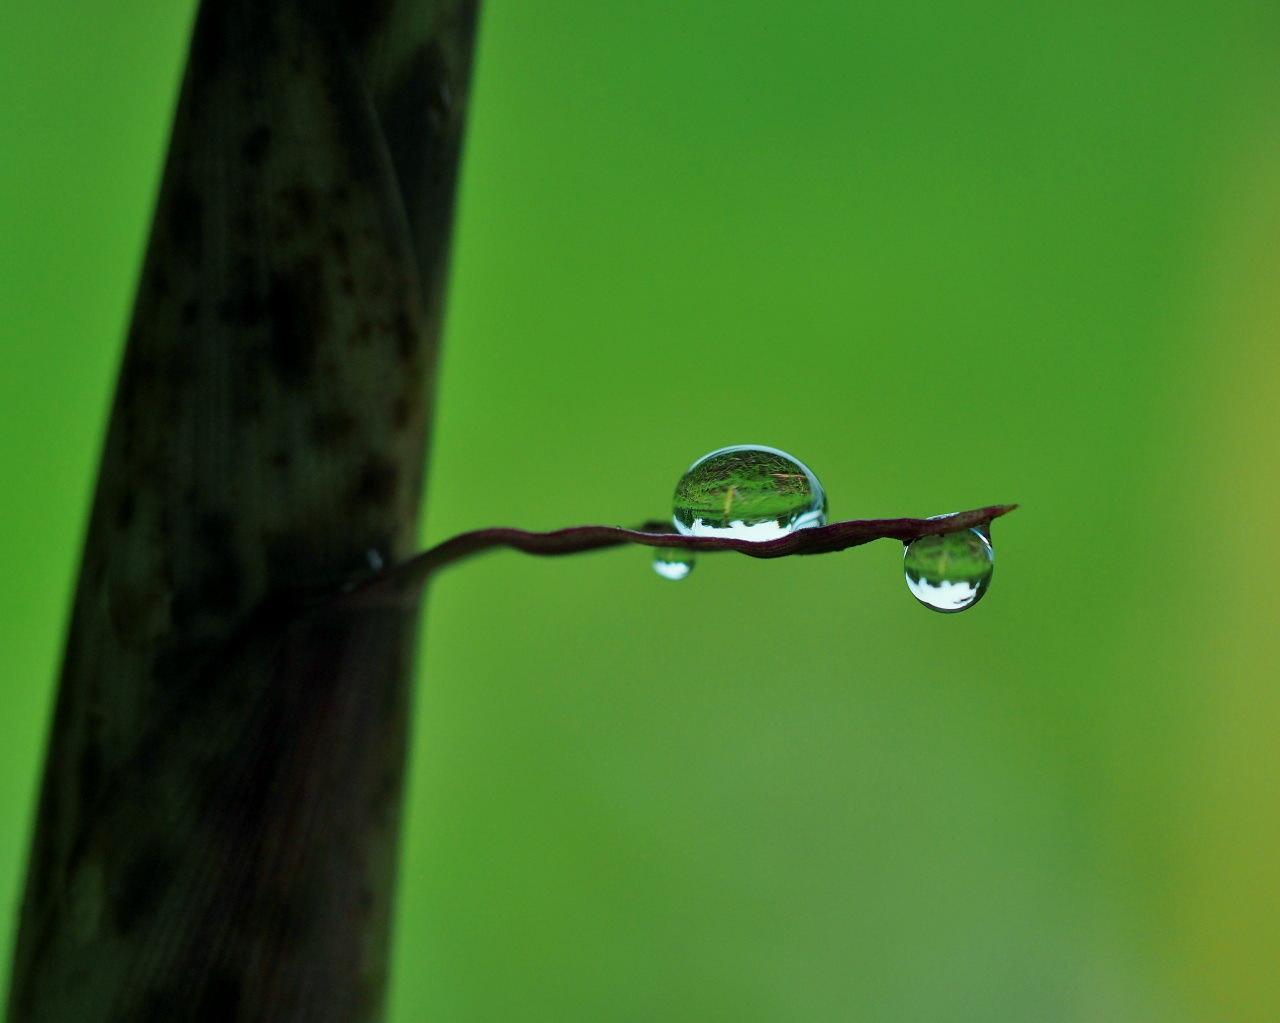 梅雨さなか アジサイなど色々と_c0305565_17283694.jpg